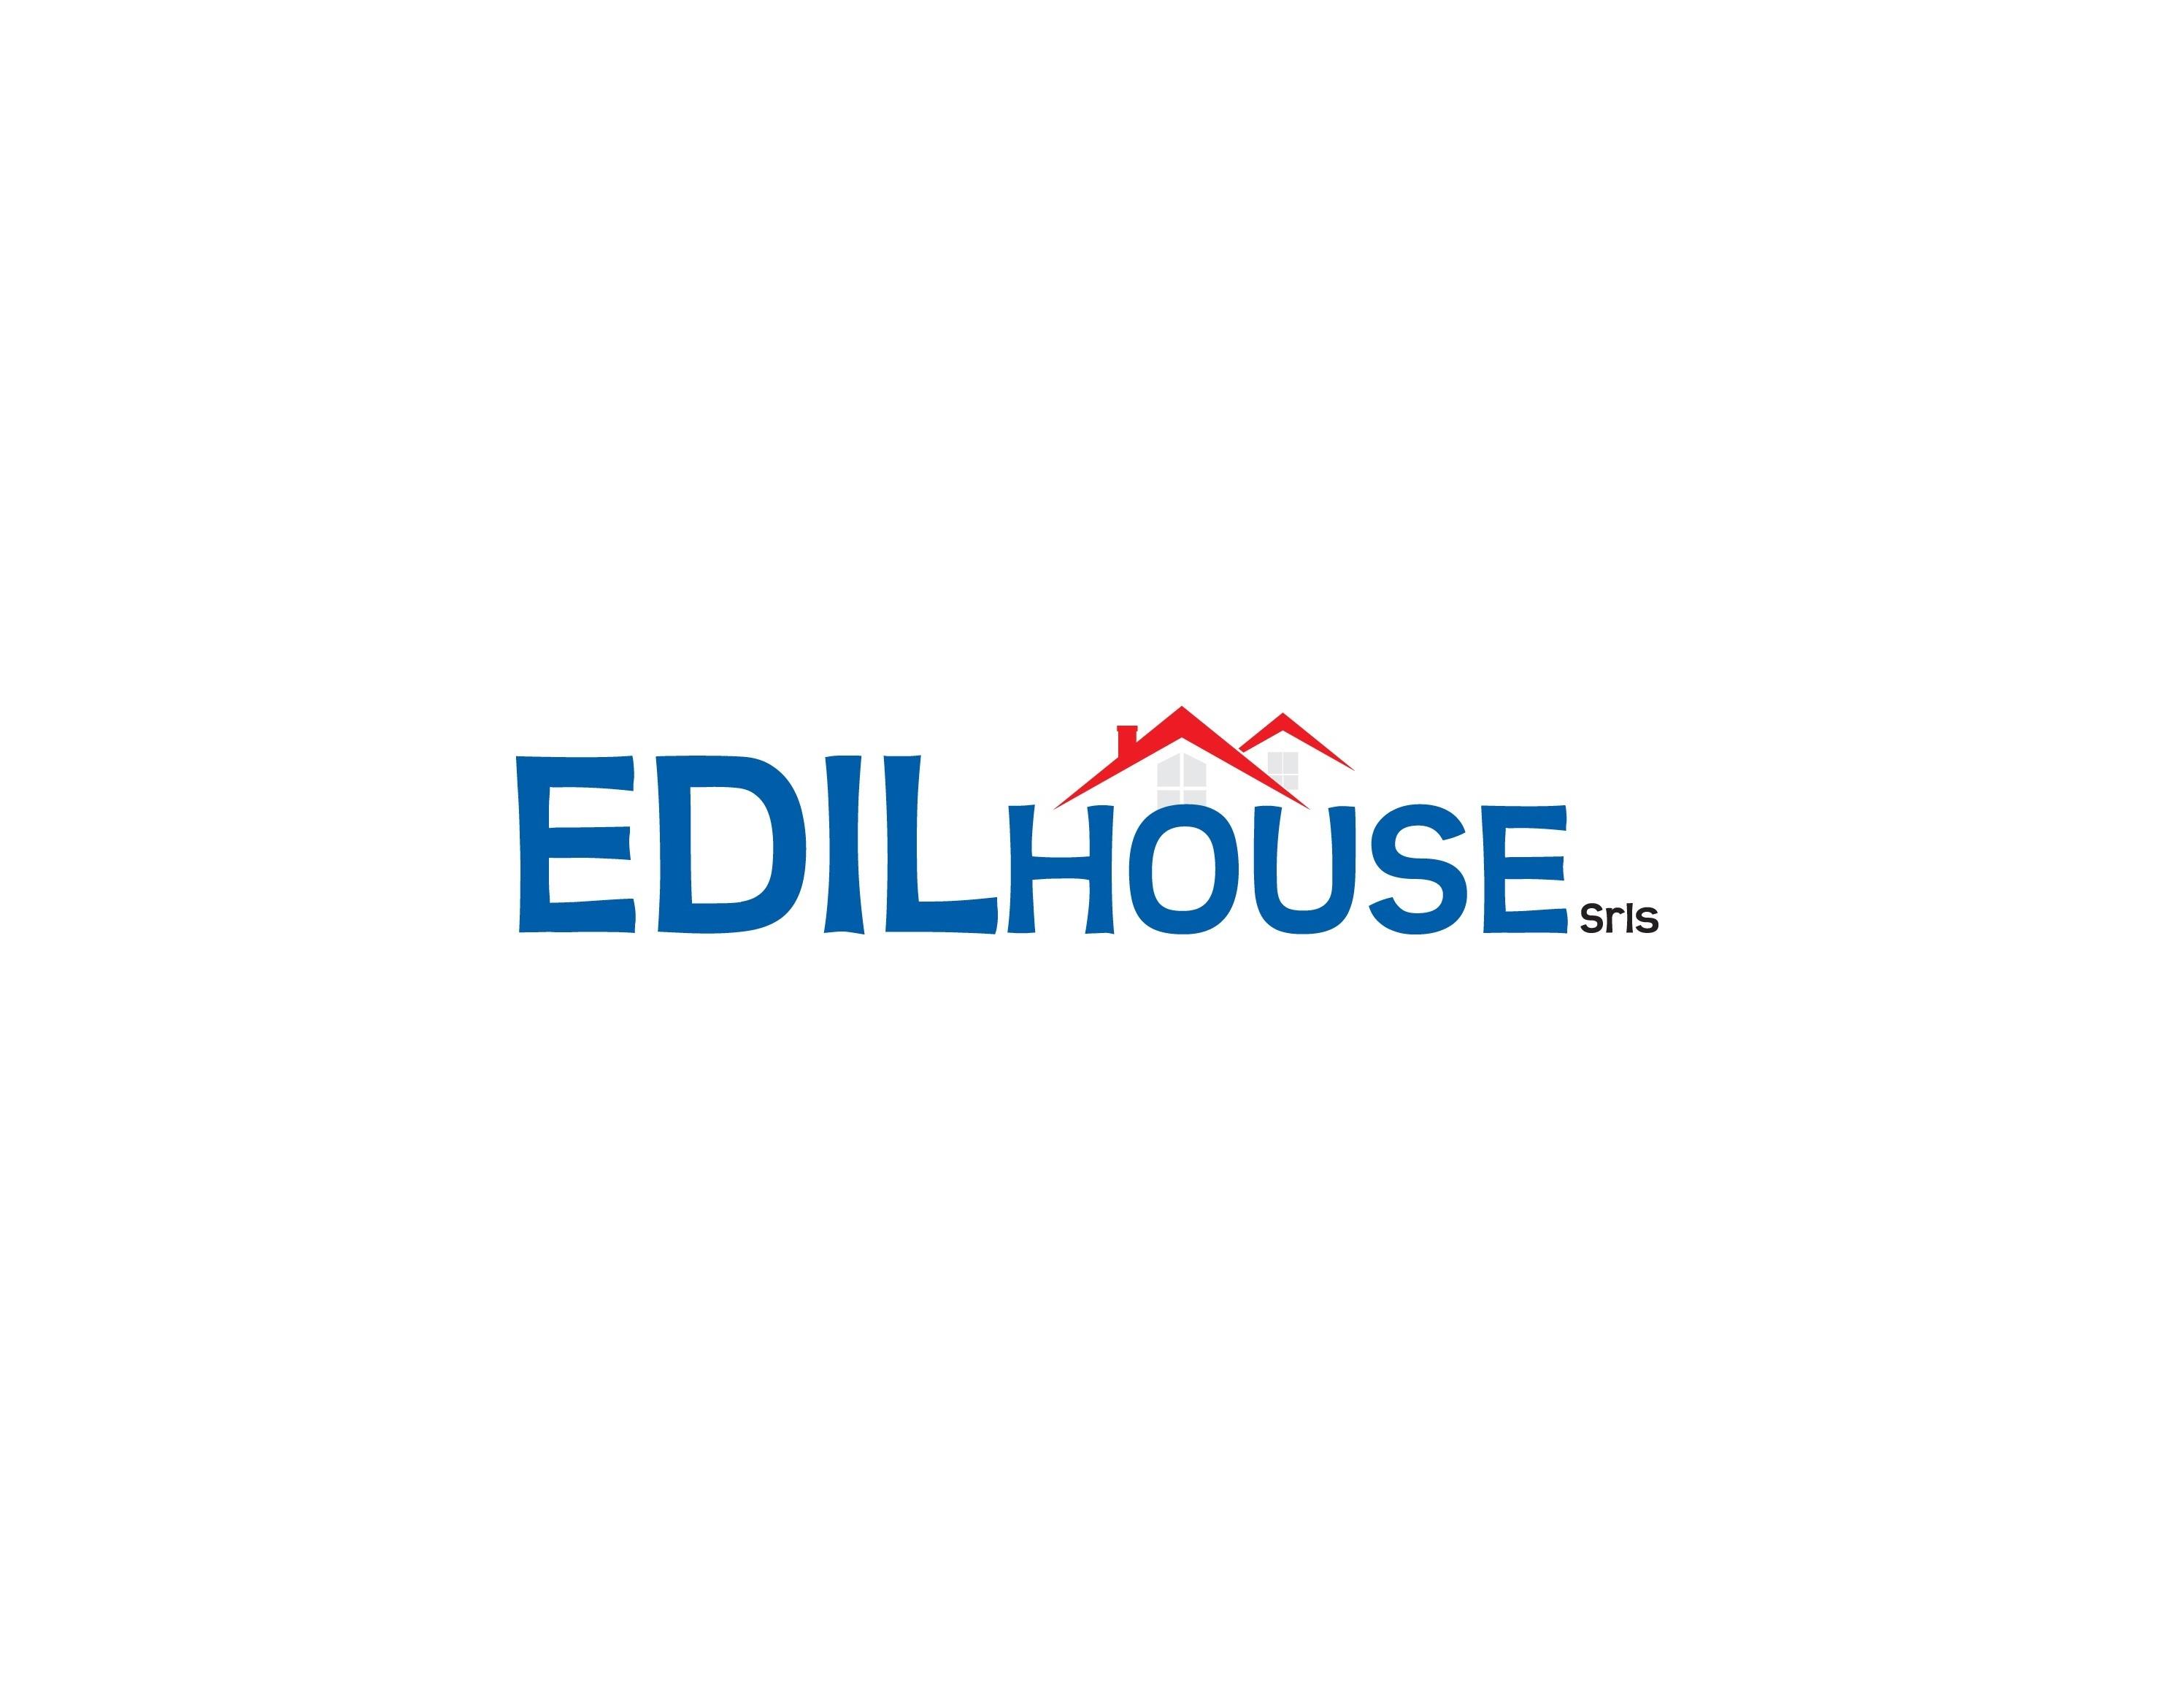 Edilhouse Srls